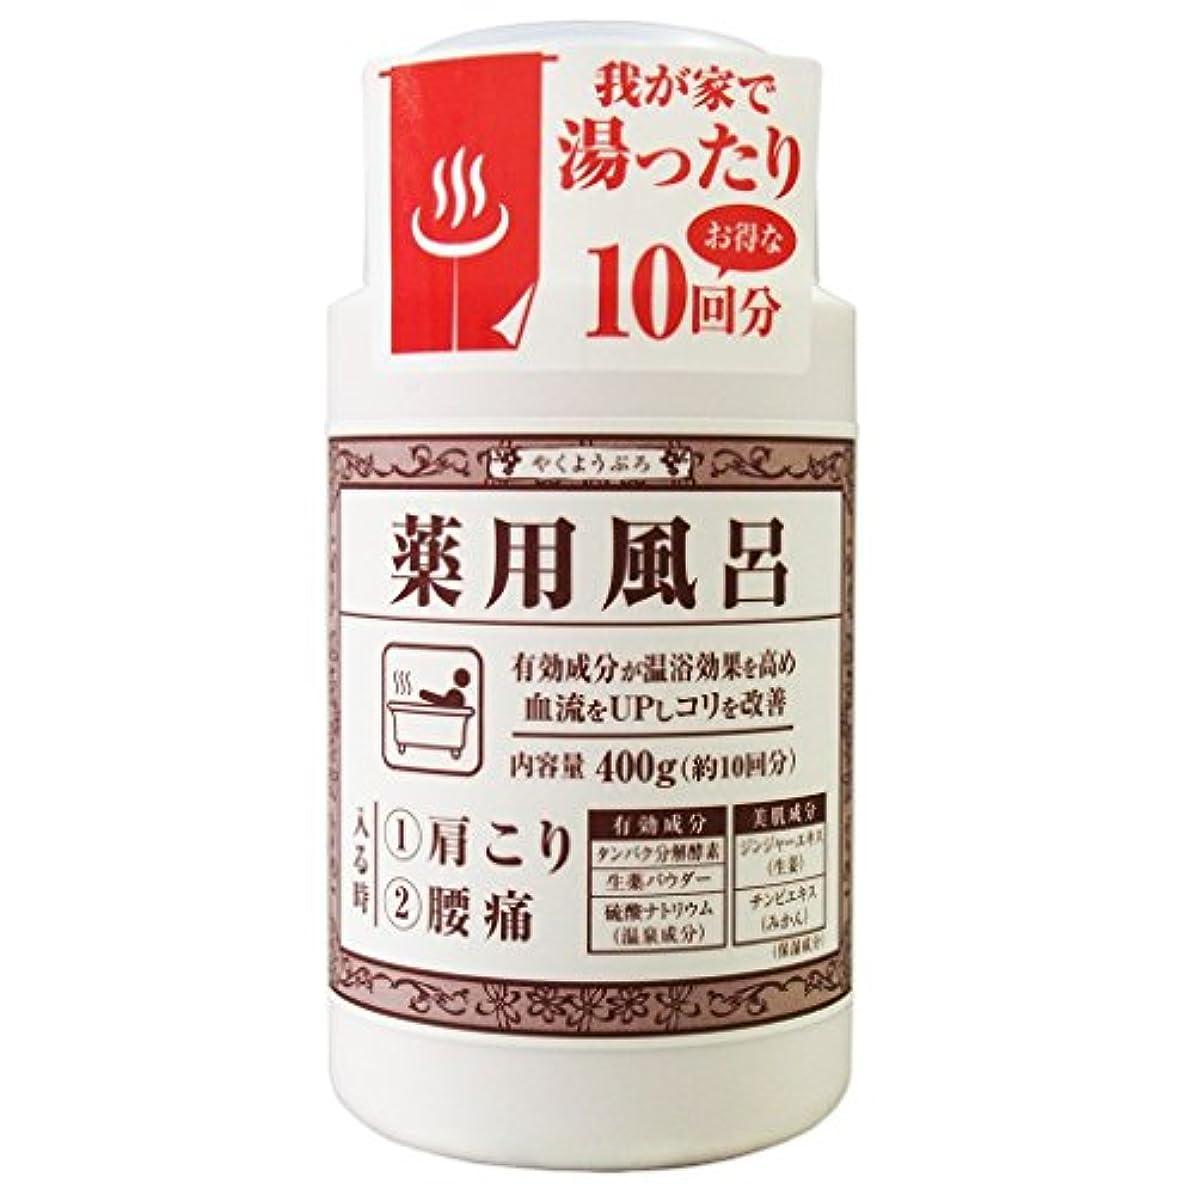 決定する管理コイル薬用風呂KKa 肩こり?腰痛 ボトル 400g(医薬部外品)